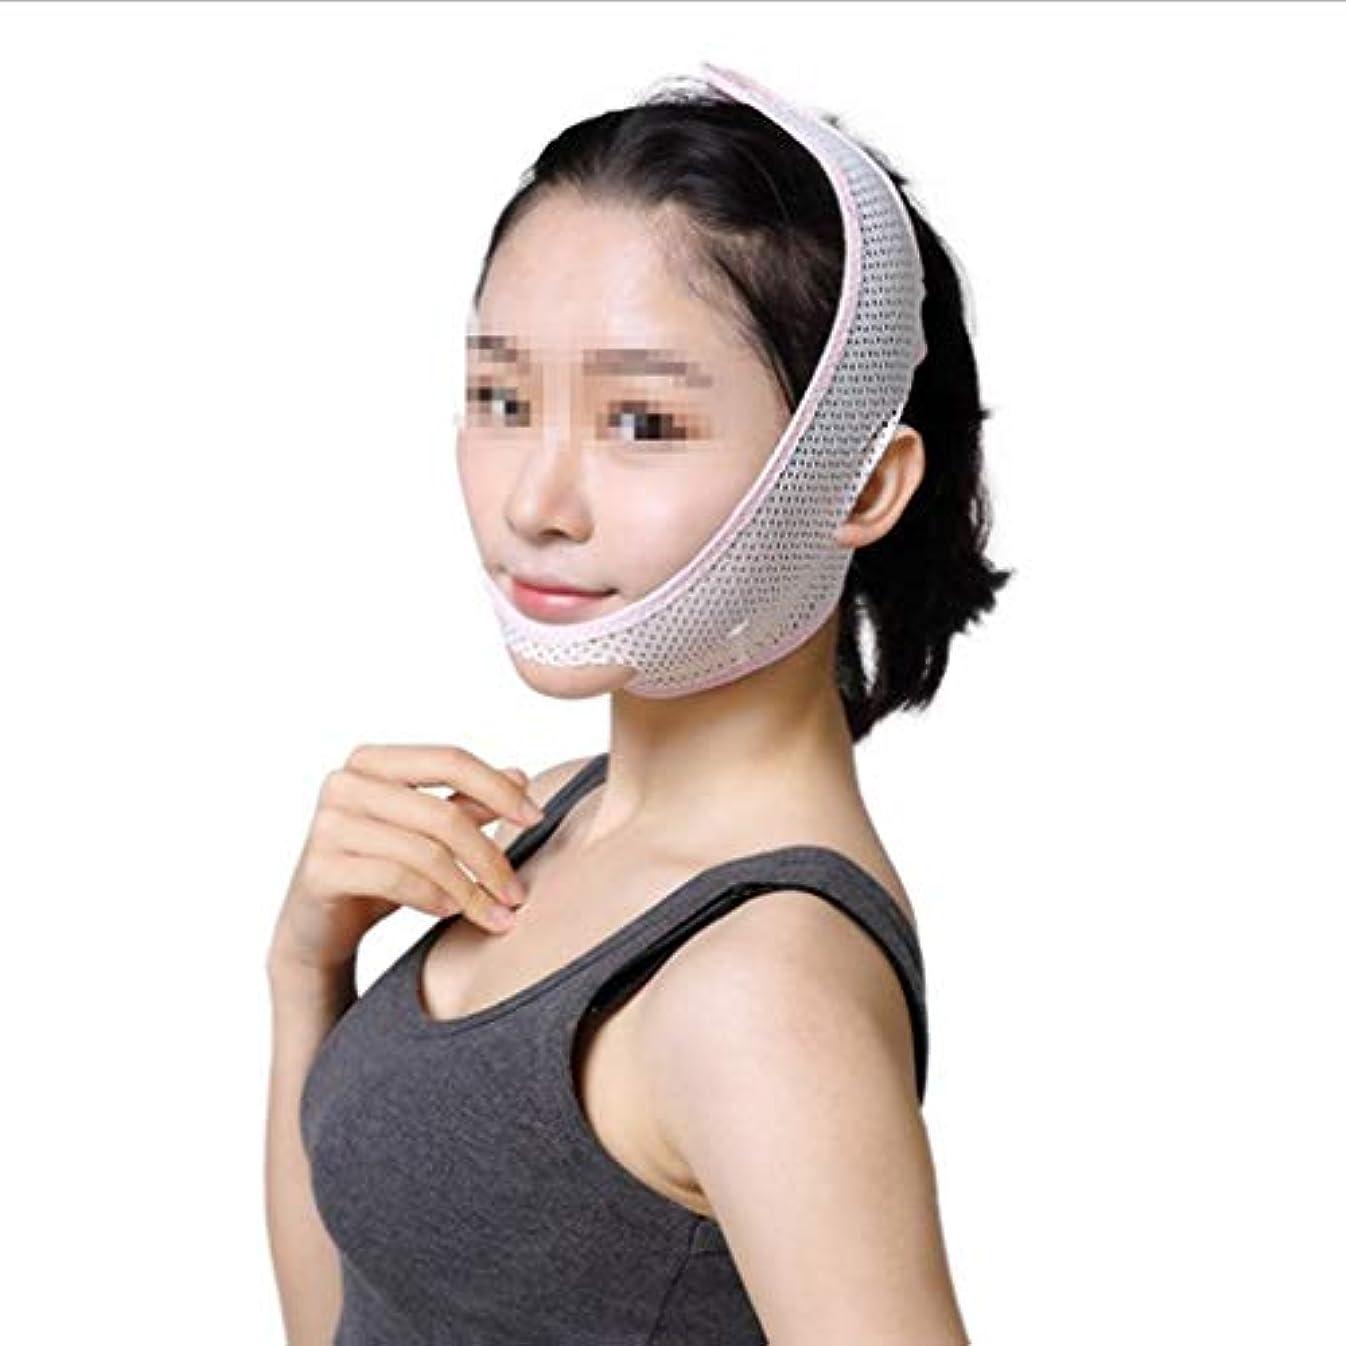 ごめんなさい重さ退屈な超薄型通気性フェイスマスク、包帯Vフェイスマスクフェイスリフティングファーミングダブルチンシンフェイスベルト (Size : M)